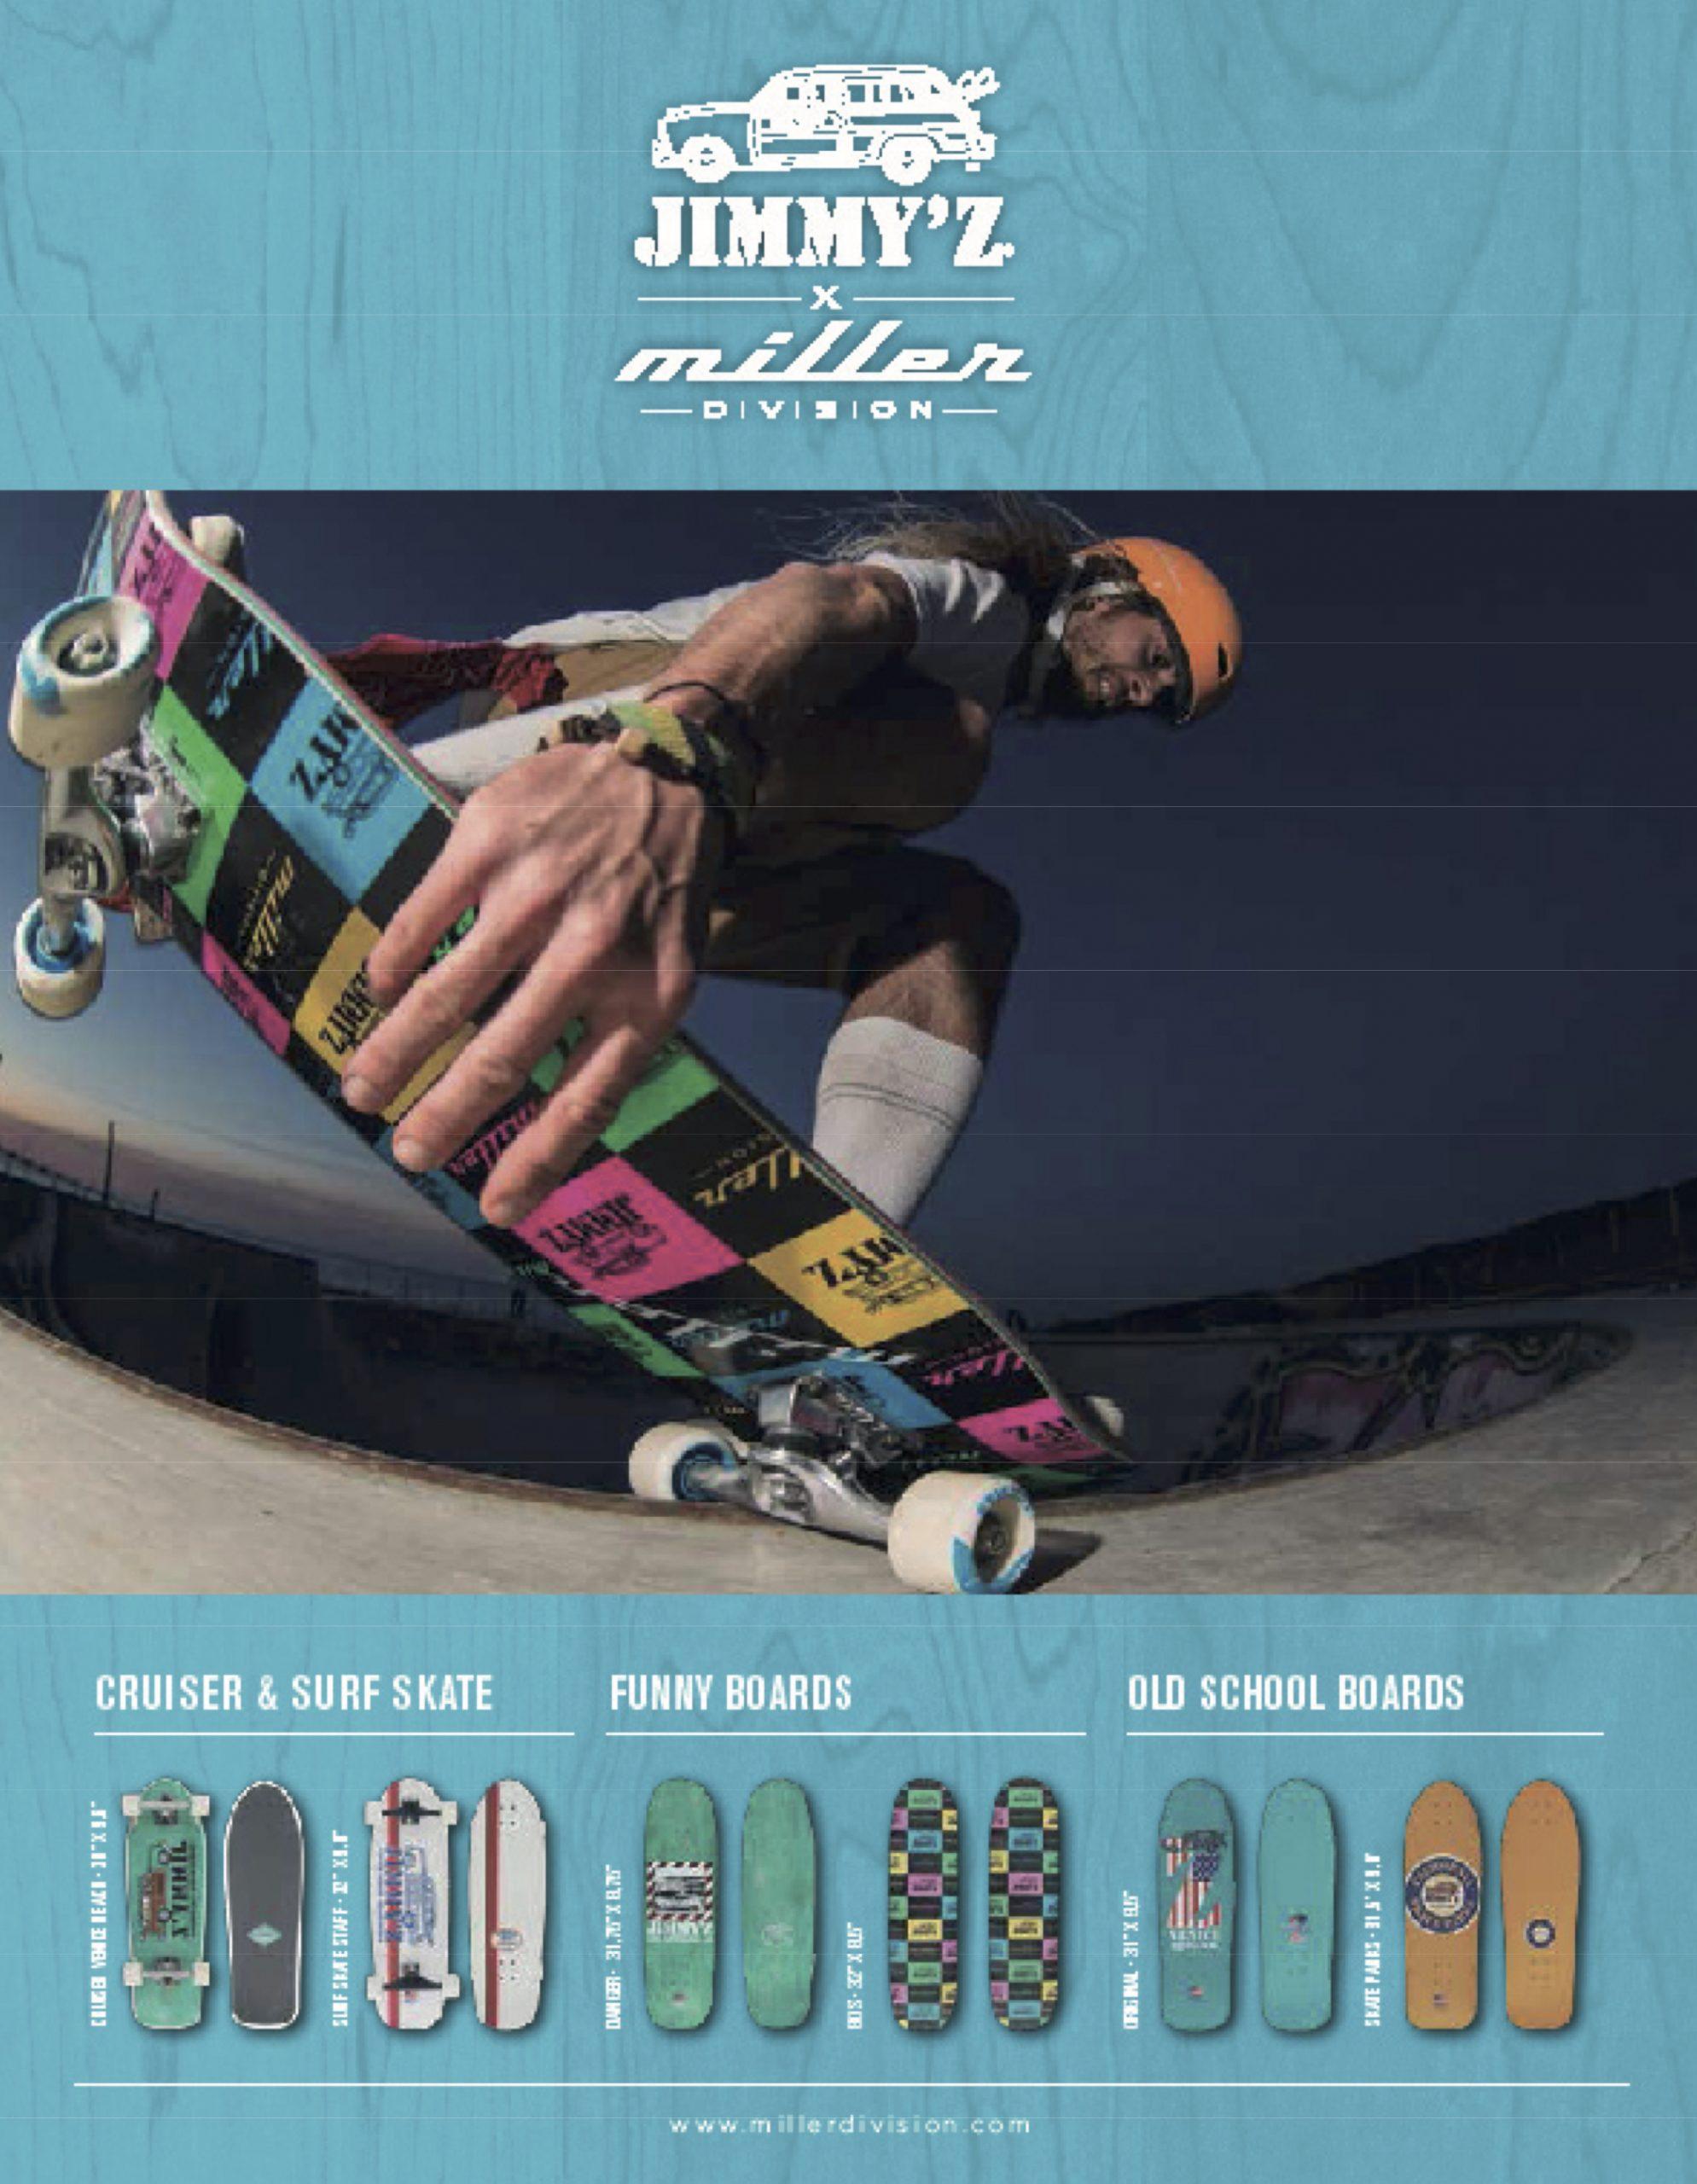 87 Miller SKATE